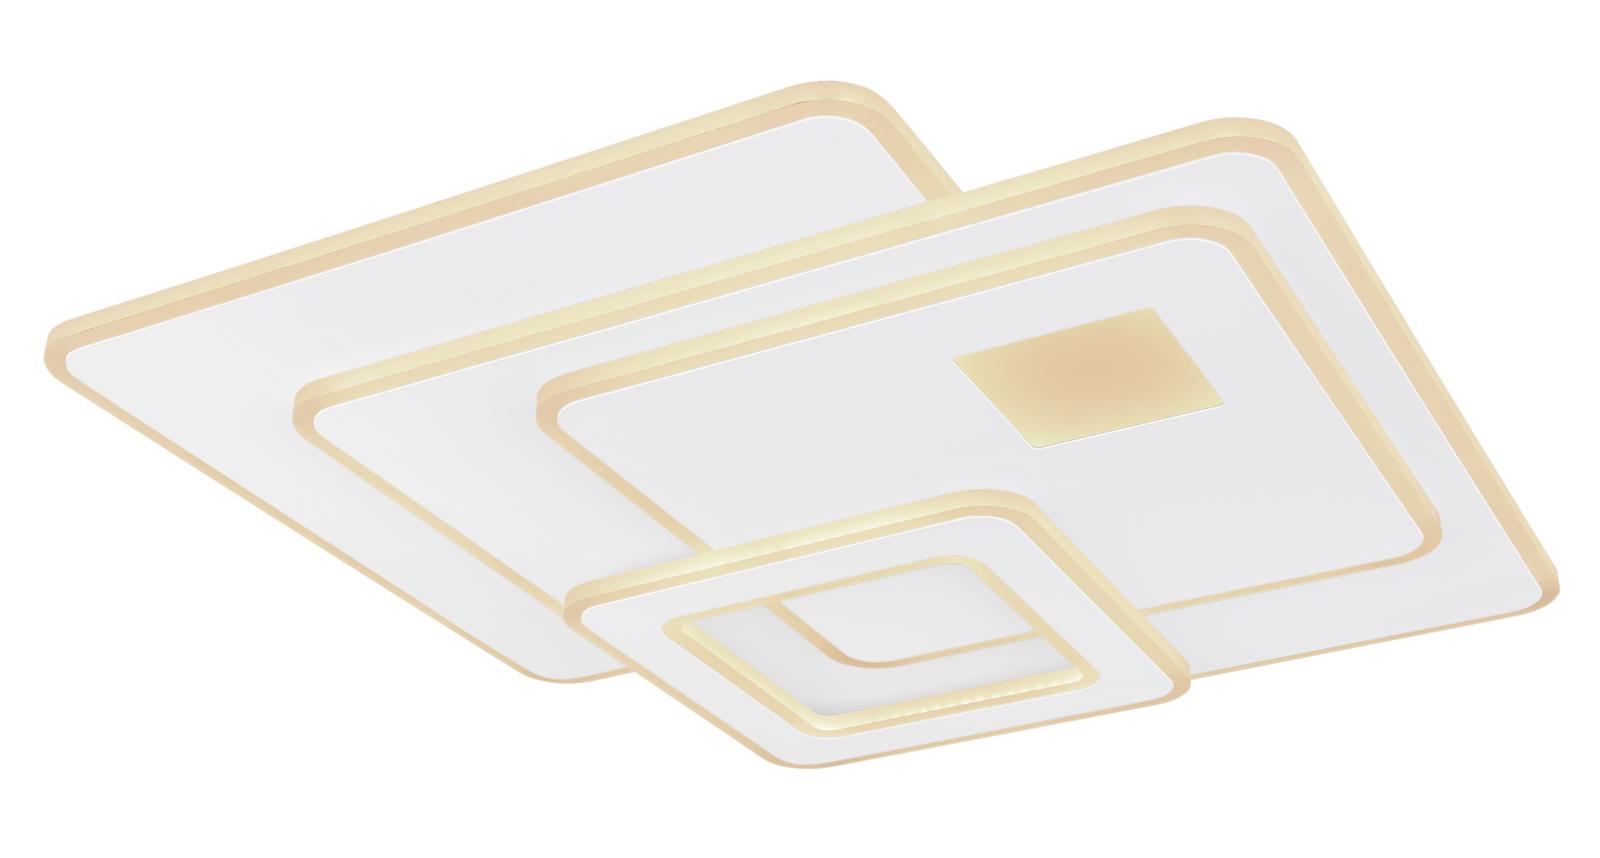 Mennyezeti lámpa fém fehér alaplap, akril opál búrával LED 75W 230V,  4900lm, 3000-6000K